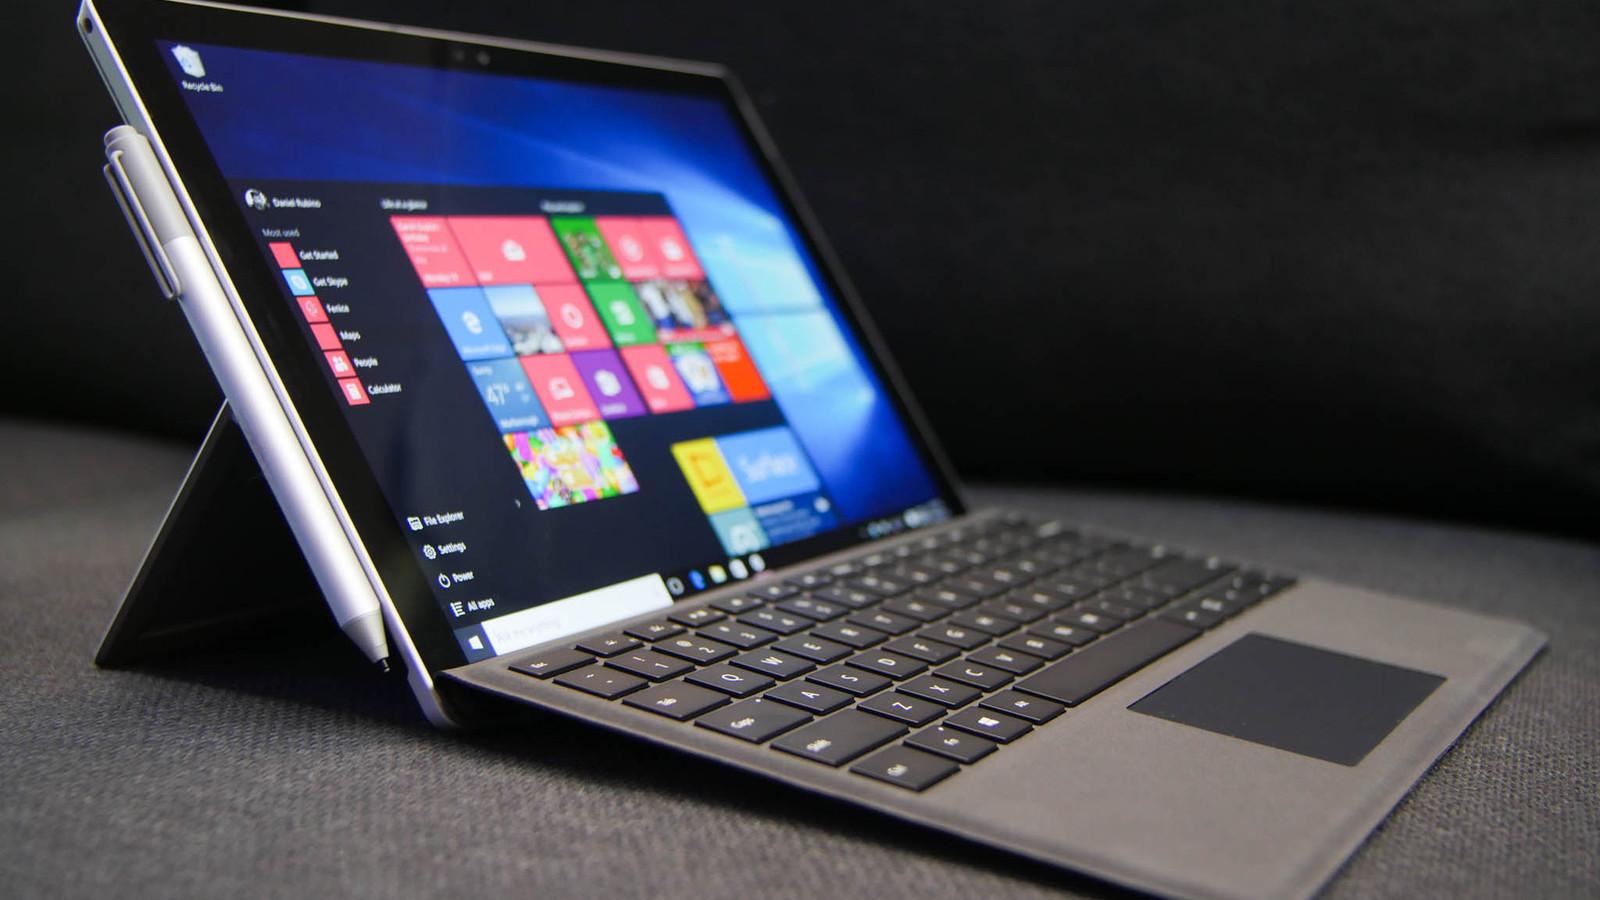 آیا درآمد رایانه های شخصی مایکروسافت مانند سورفیس4 به زودی از گوشی های هوشمند جلو می زند؟